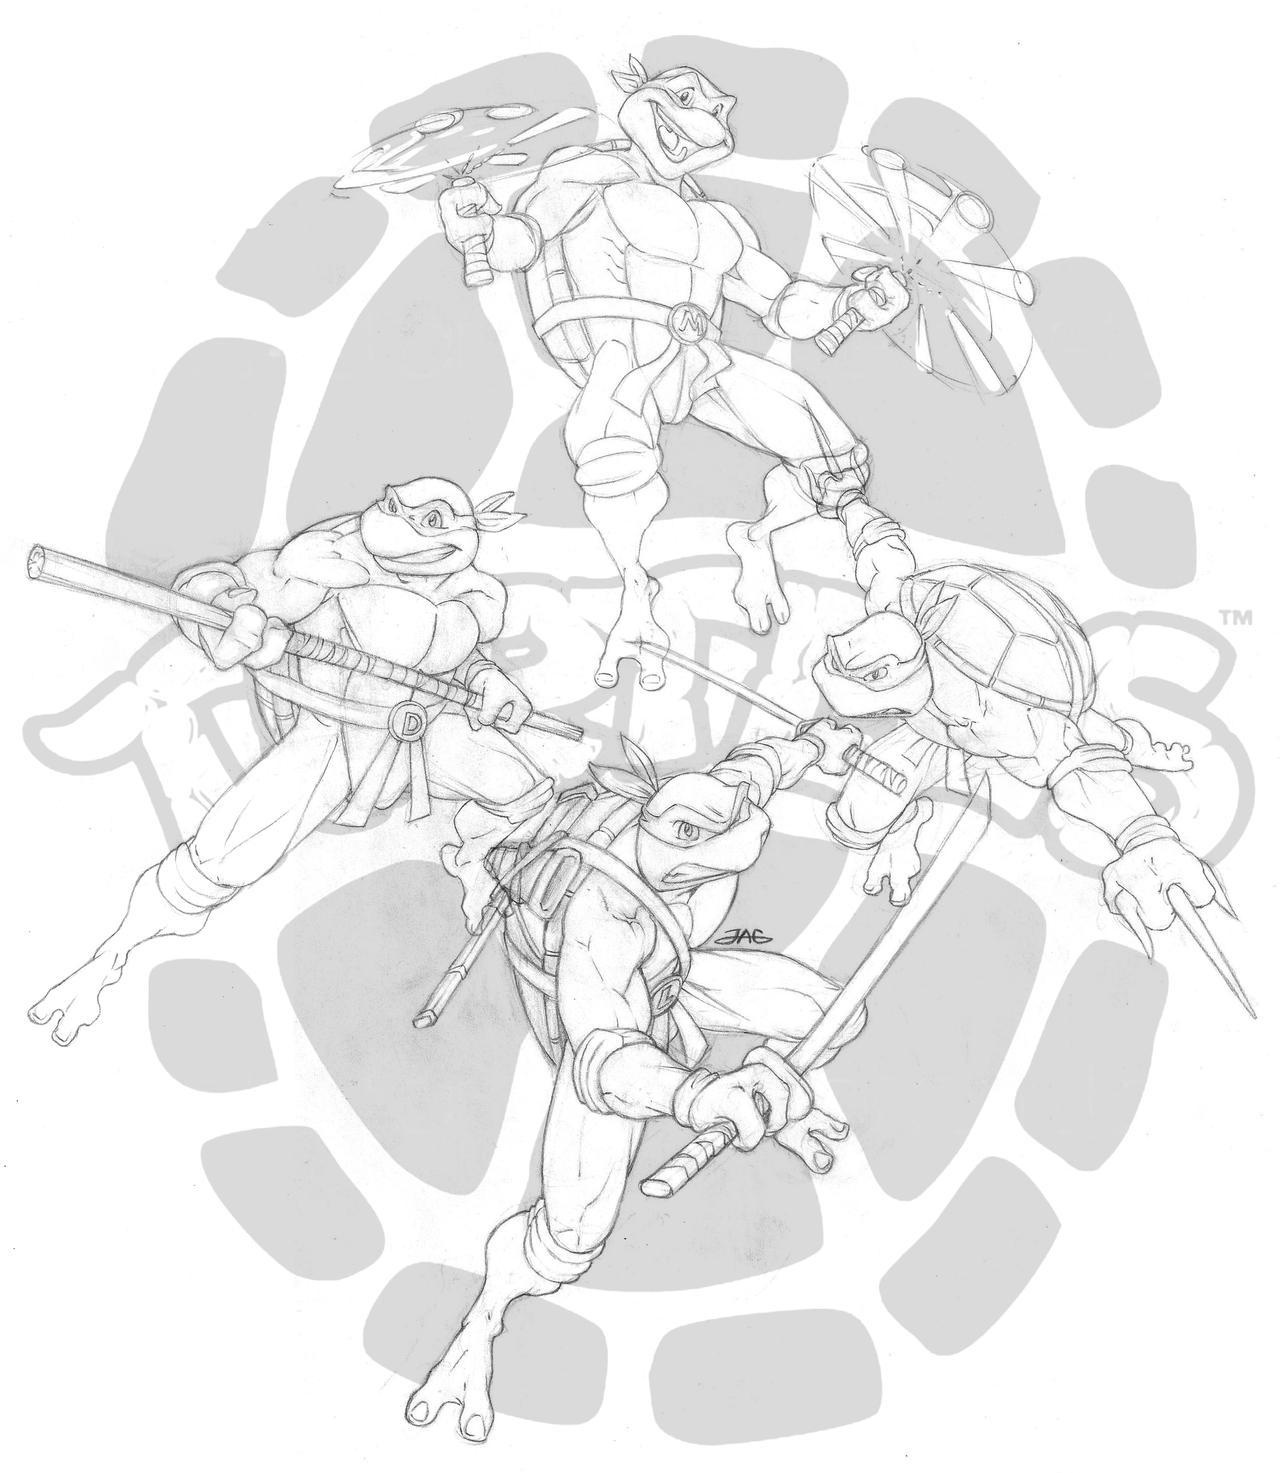 Mis dibujos: Las Tortugas Ninja - Arte - Taringa!